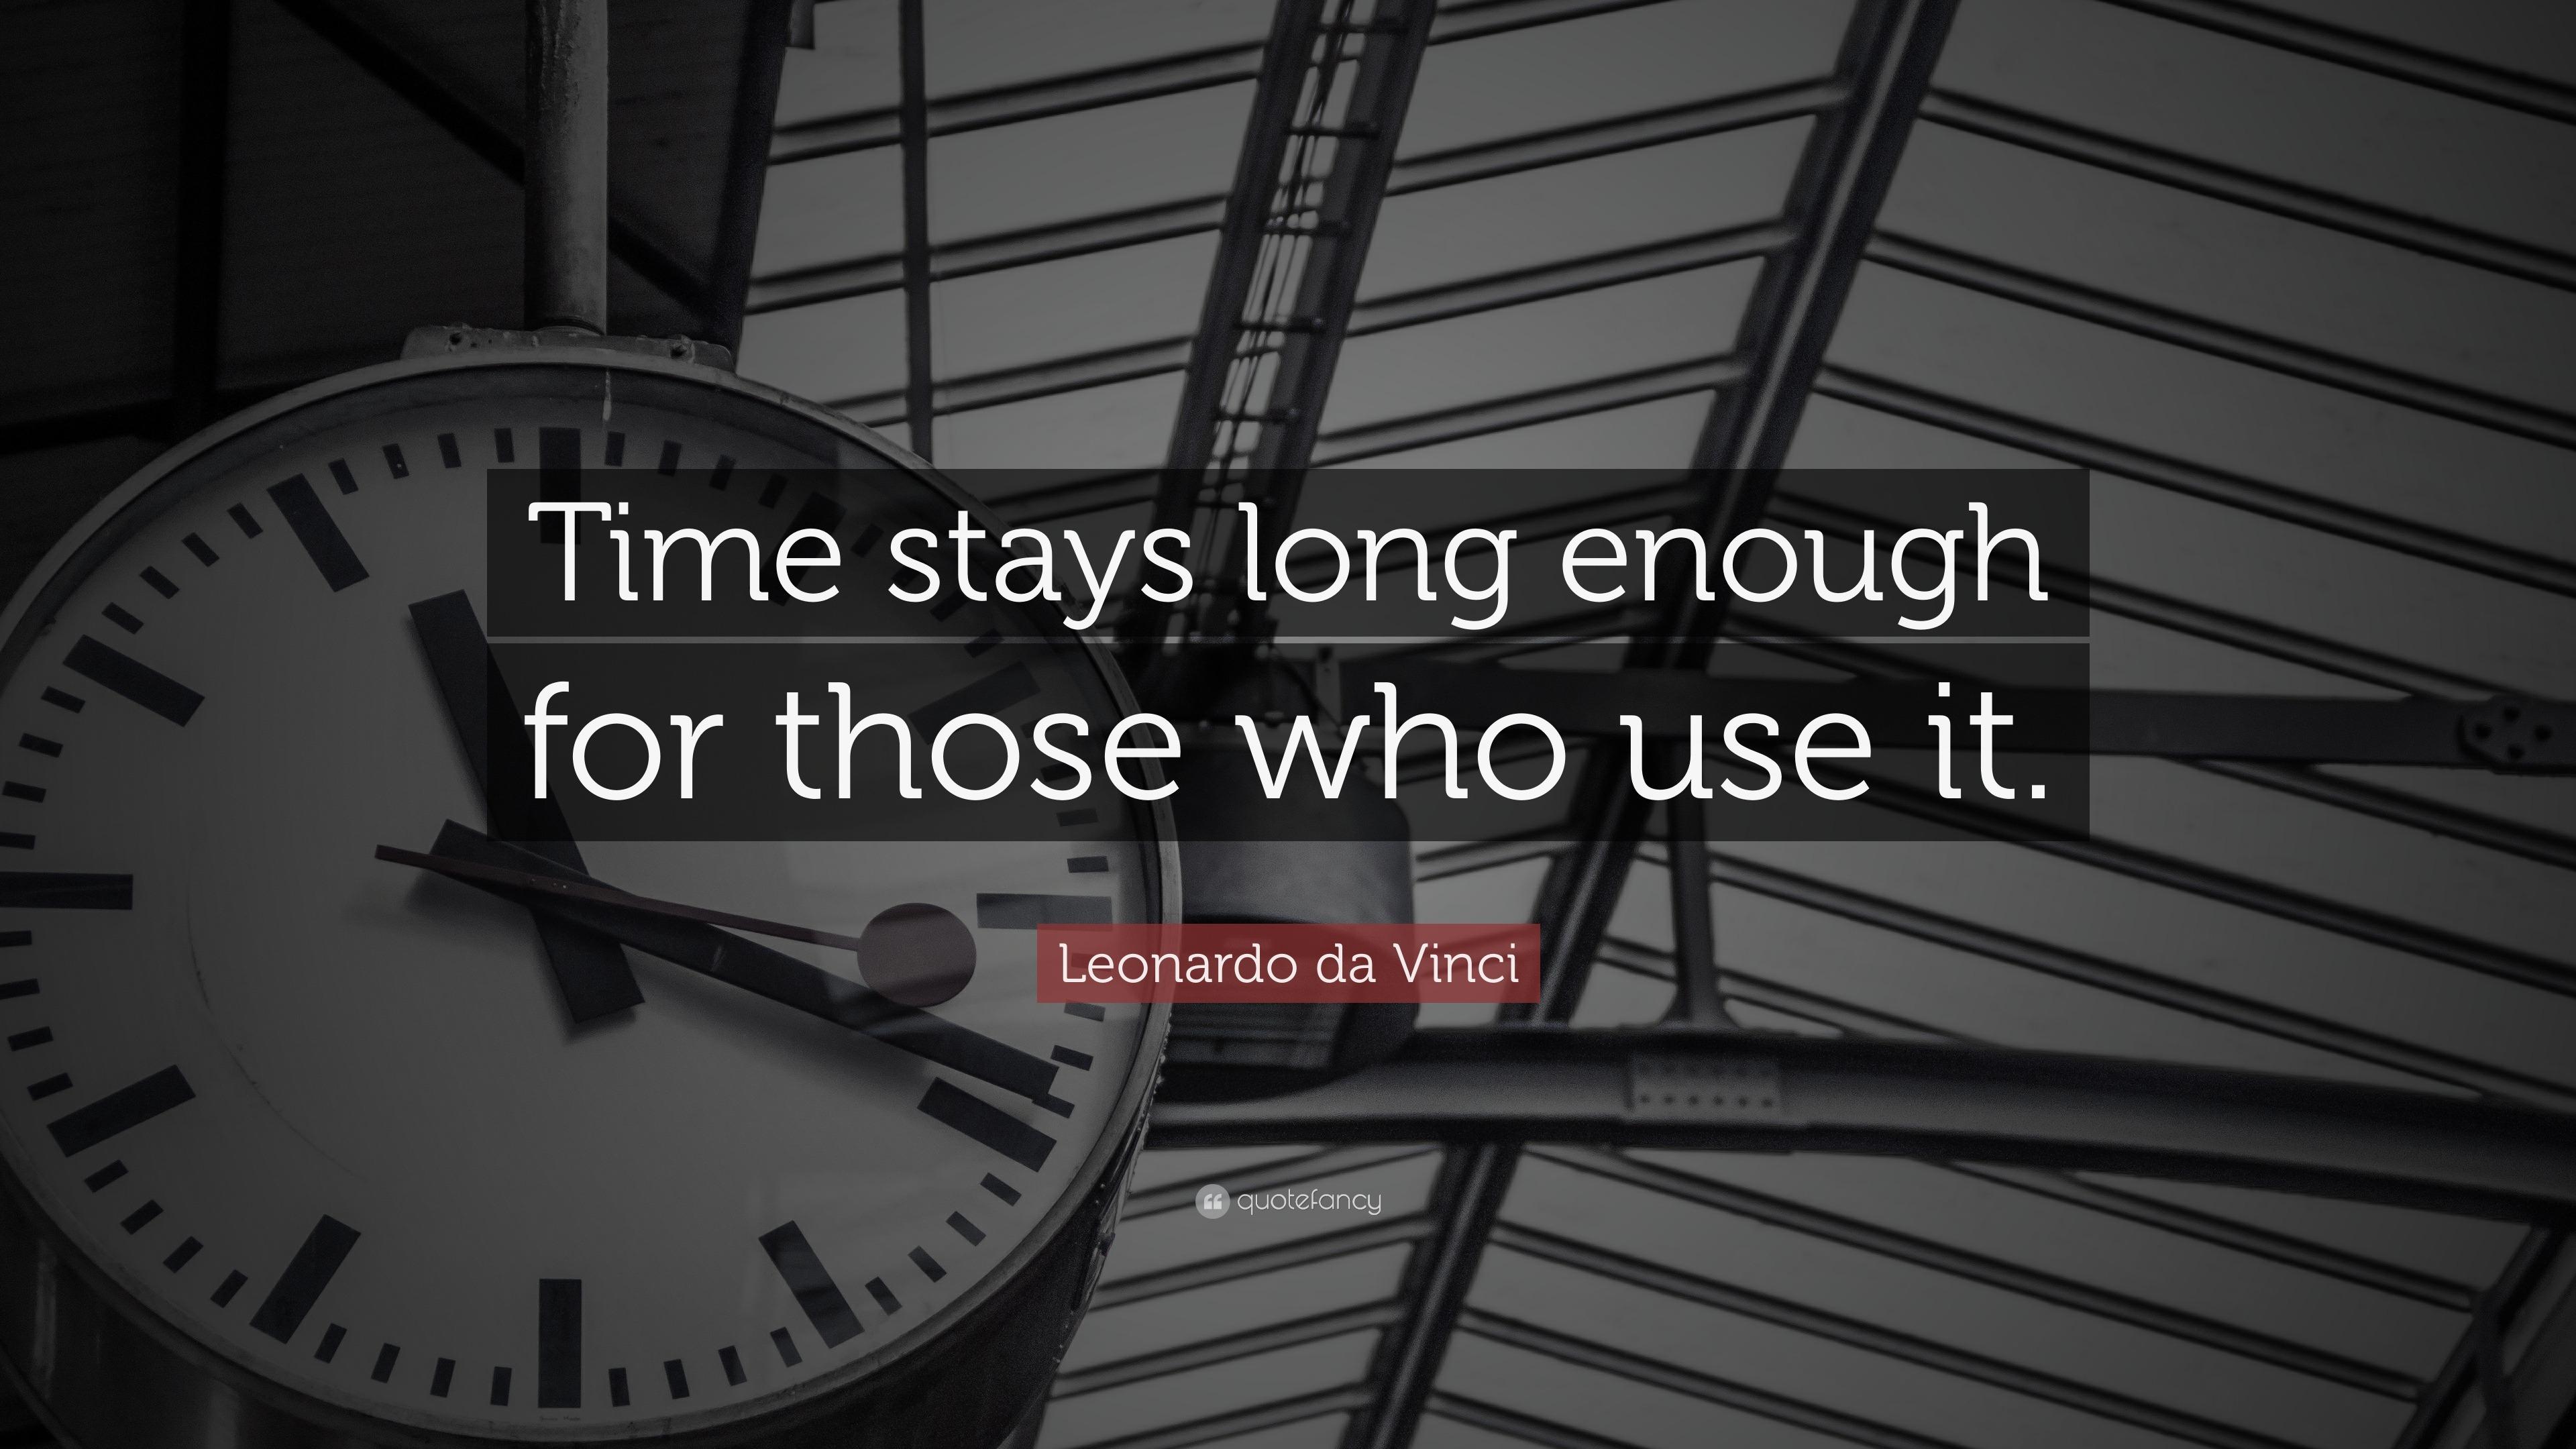 Vincent Van Gogh Quotes Wallpaper Leonardo Da Vinci Quote Time Stays Long Enough For Those